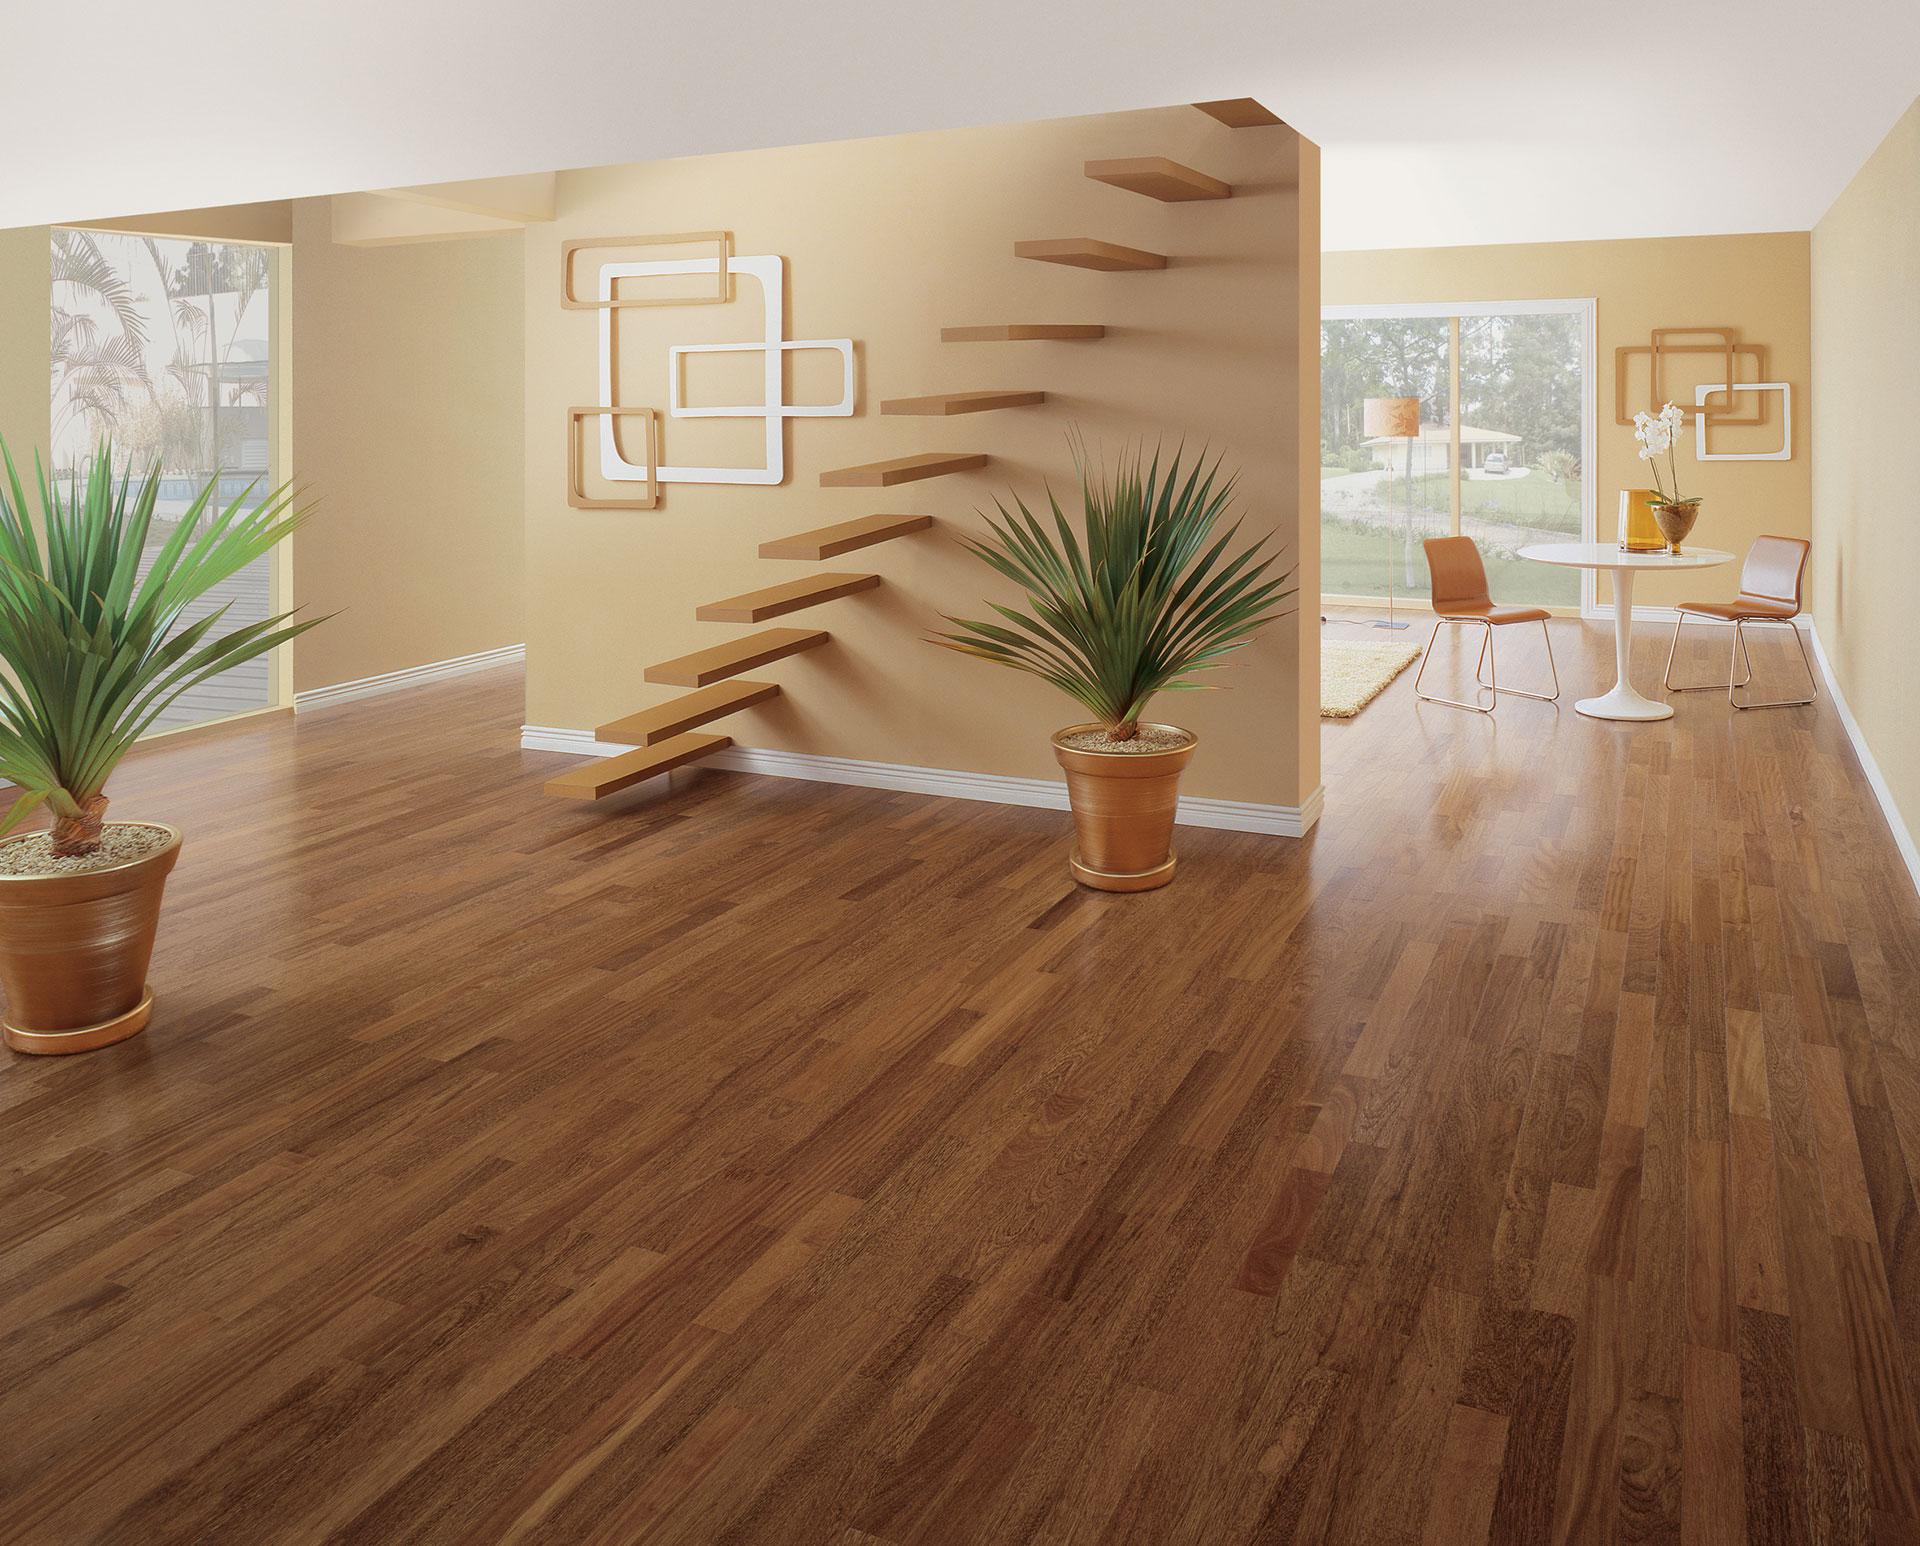 Decora o com pisos de madeira 30 fotos - Natura casa catalogo ...